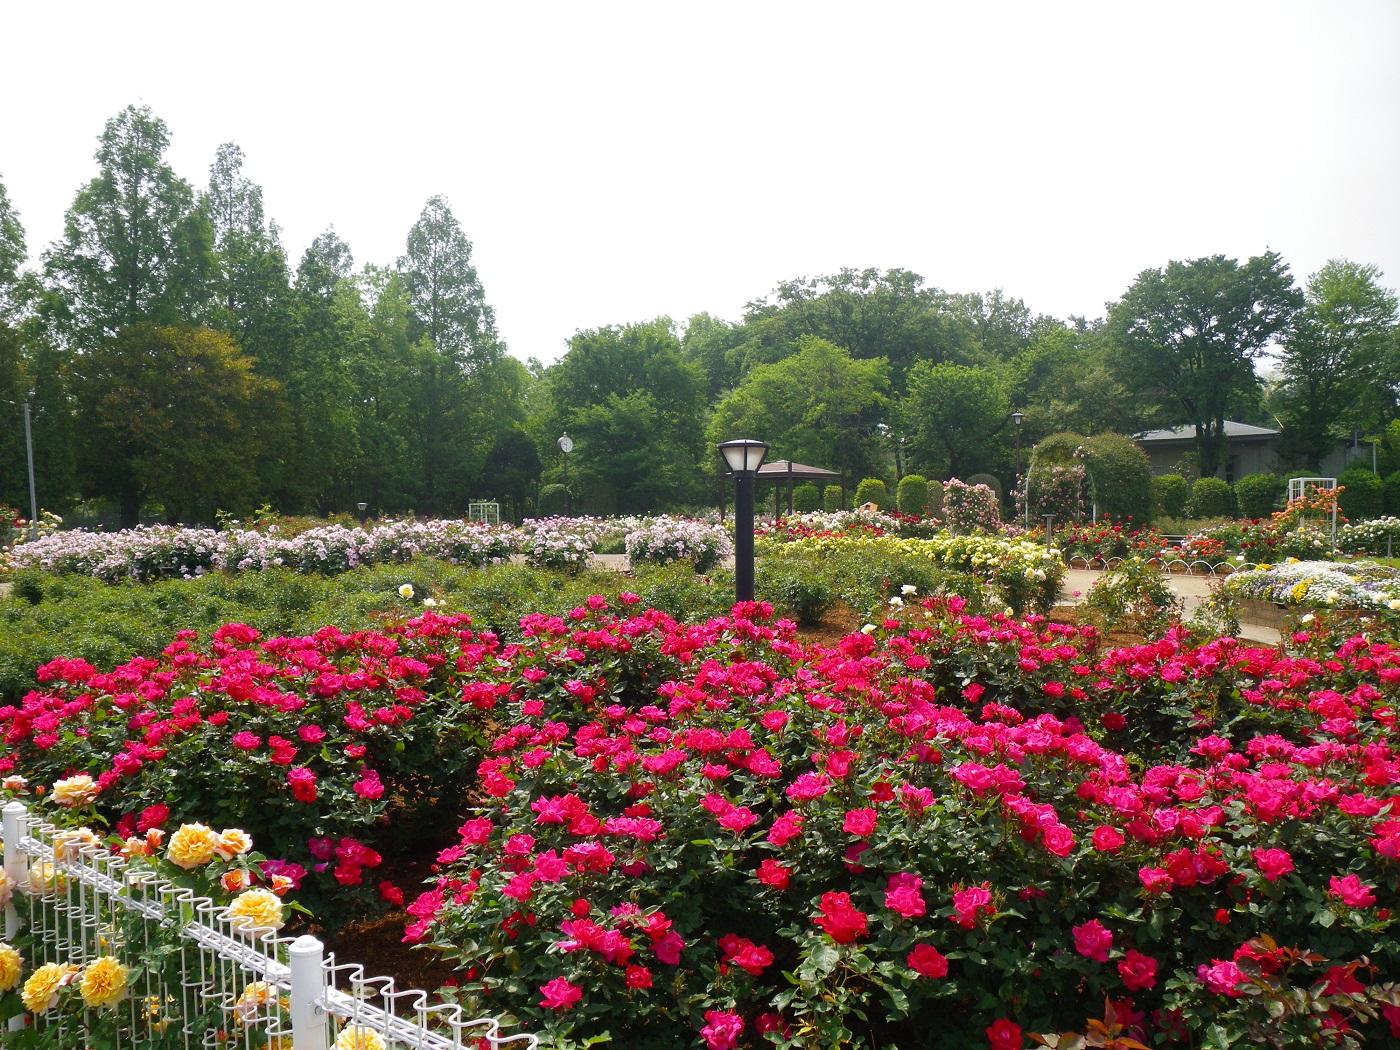 バラ園だけでなく、さまざまなレクリエーション施設や大砂場・水辺の広場などファミリーで楽しめる要素が多いのが伊奈町制施行記念公園のうれしいところ。またあじさい園やキャンプ場もあるので、バラの季節以外にも訪れたいですね。